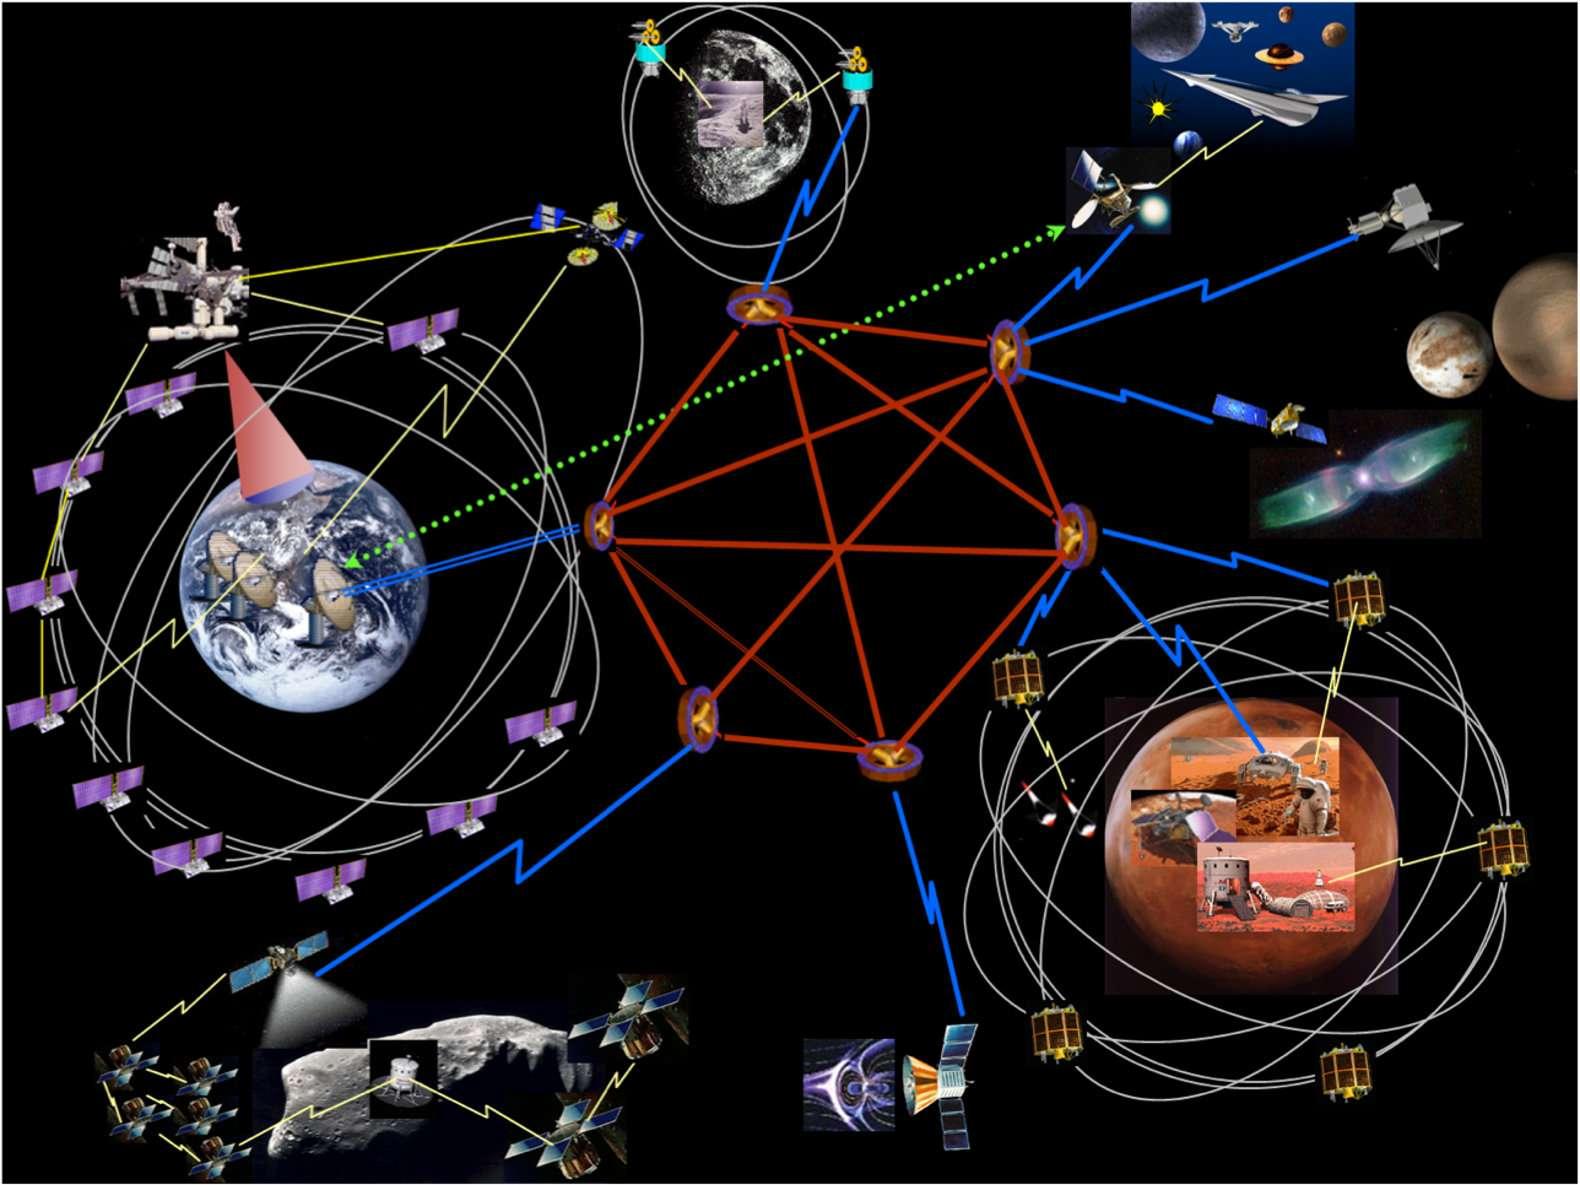 NASA internetin derin uzaya yayılmasını sağlıyor